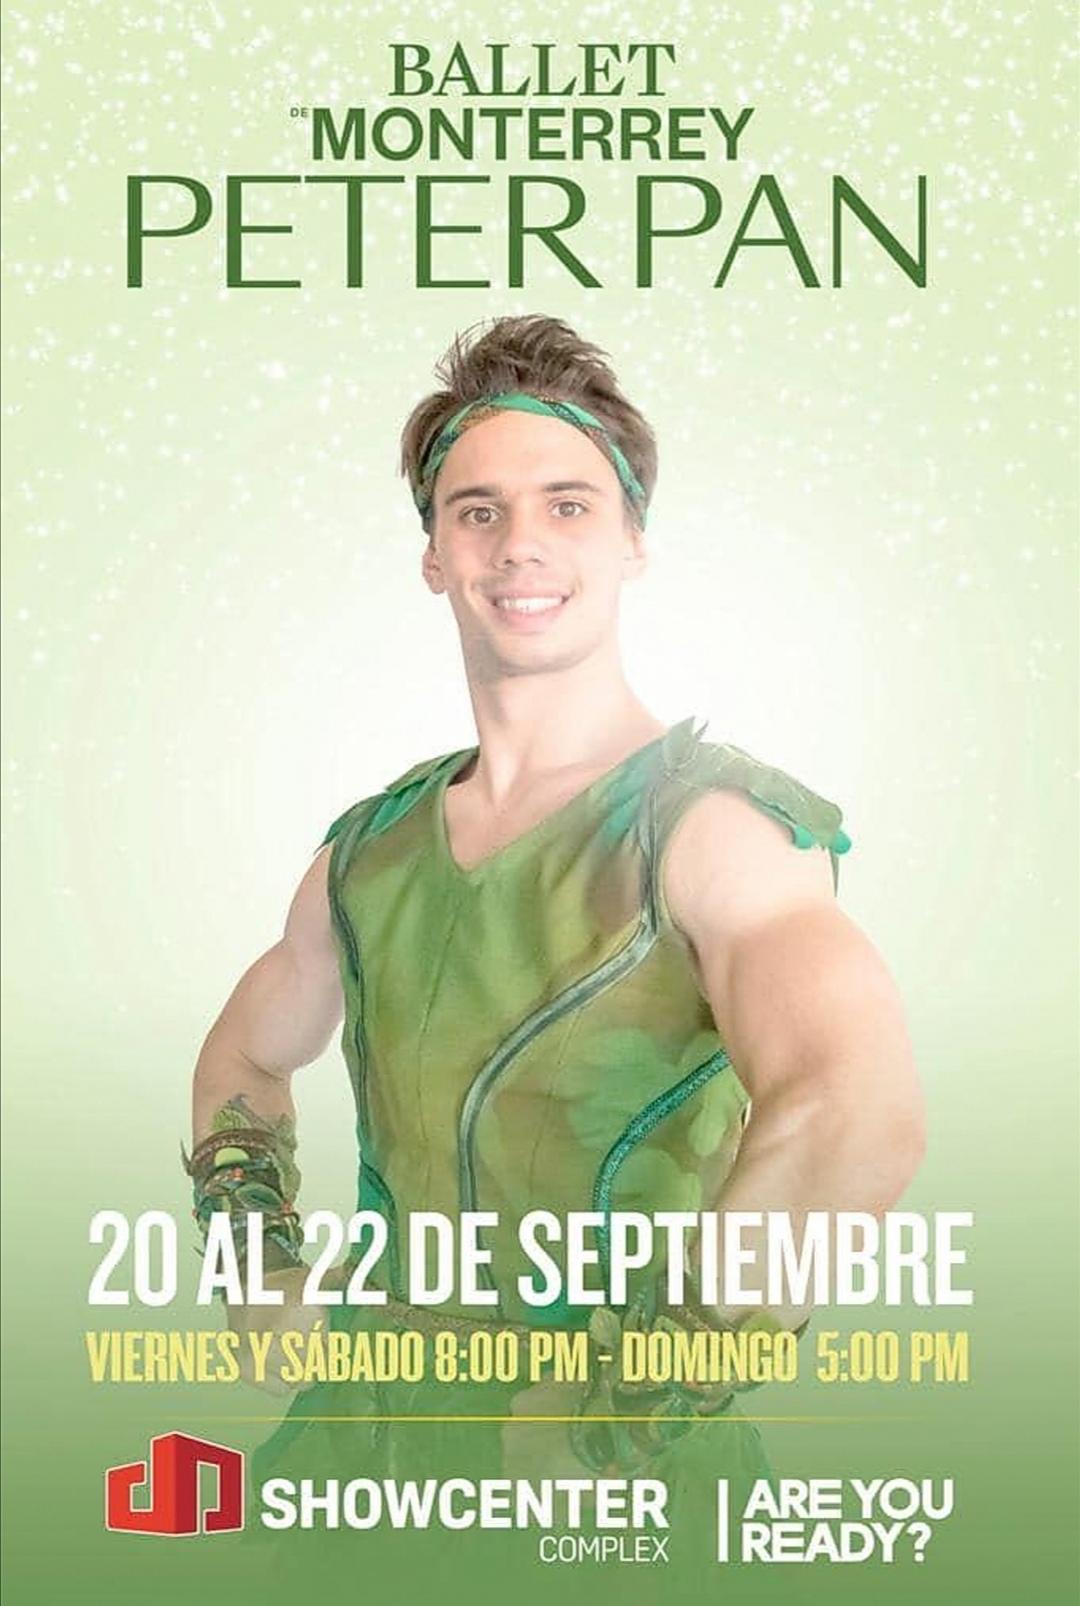 LUCIANO PEROTTO E' PETER PAN, Ballet de Monterrey, Messico